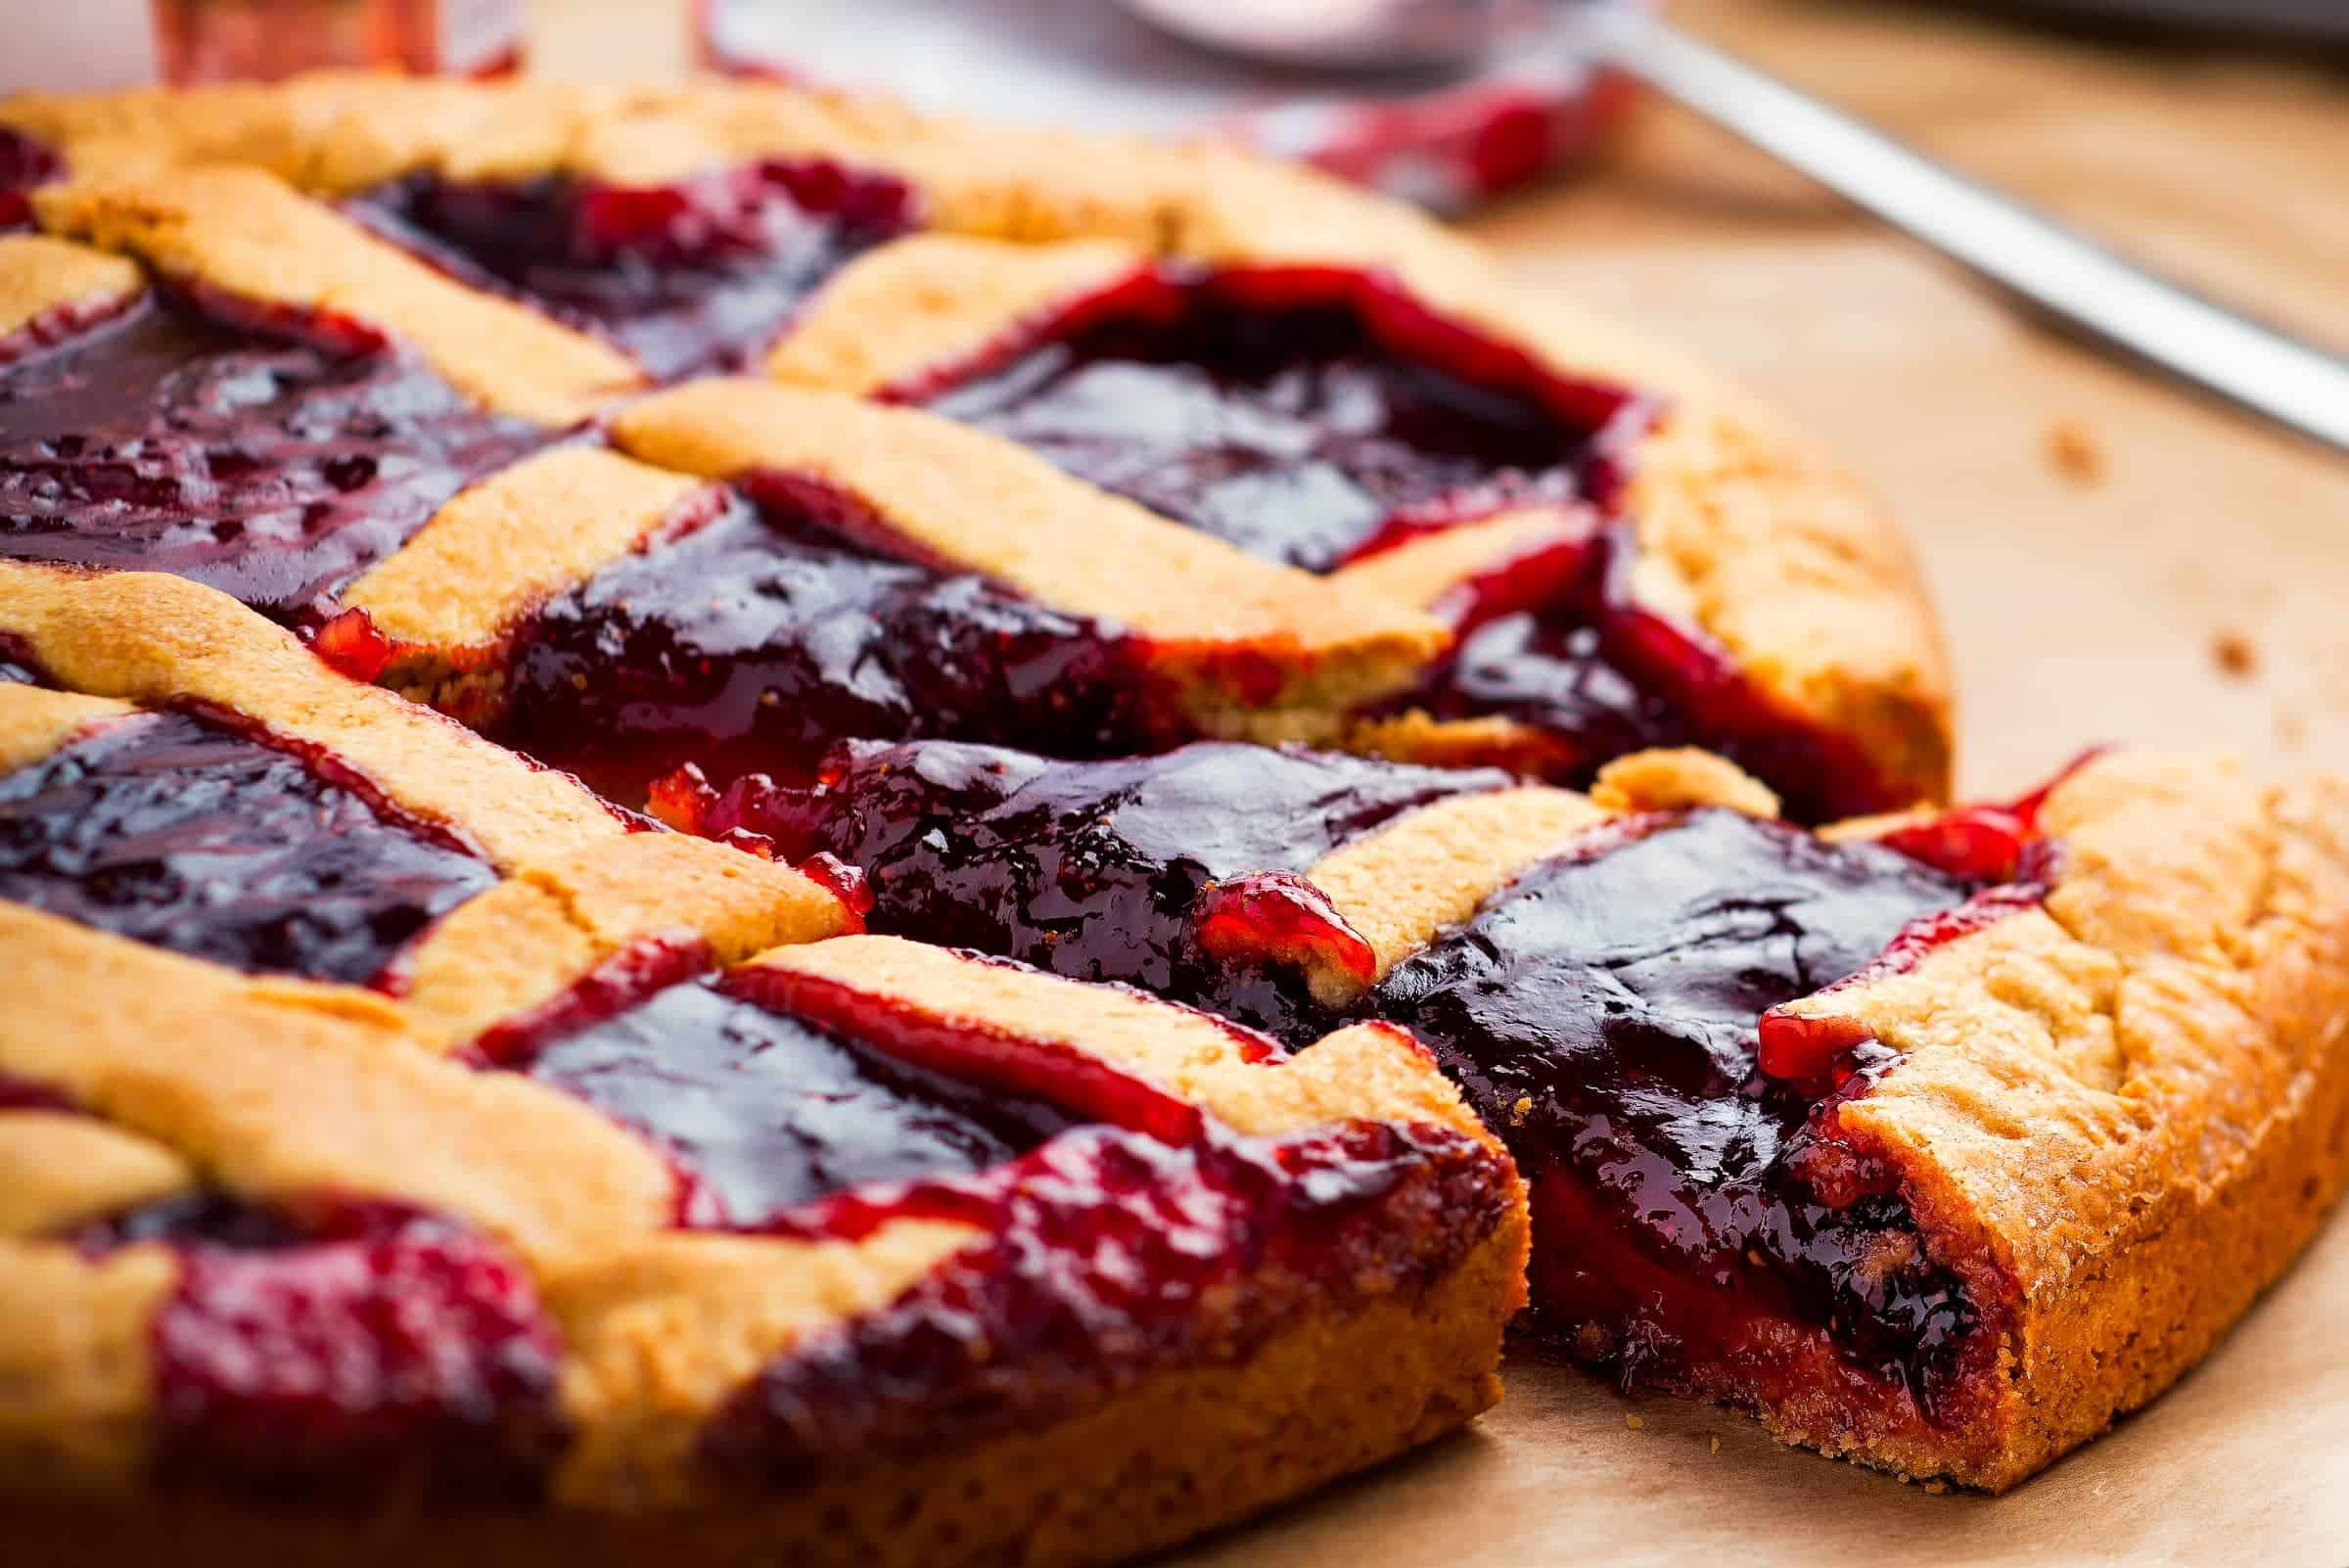 Crostata alla marmellata ricetta gnamam.com